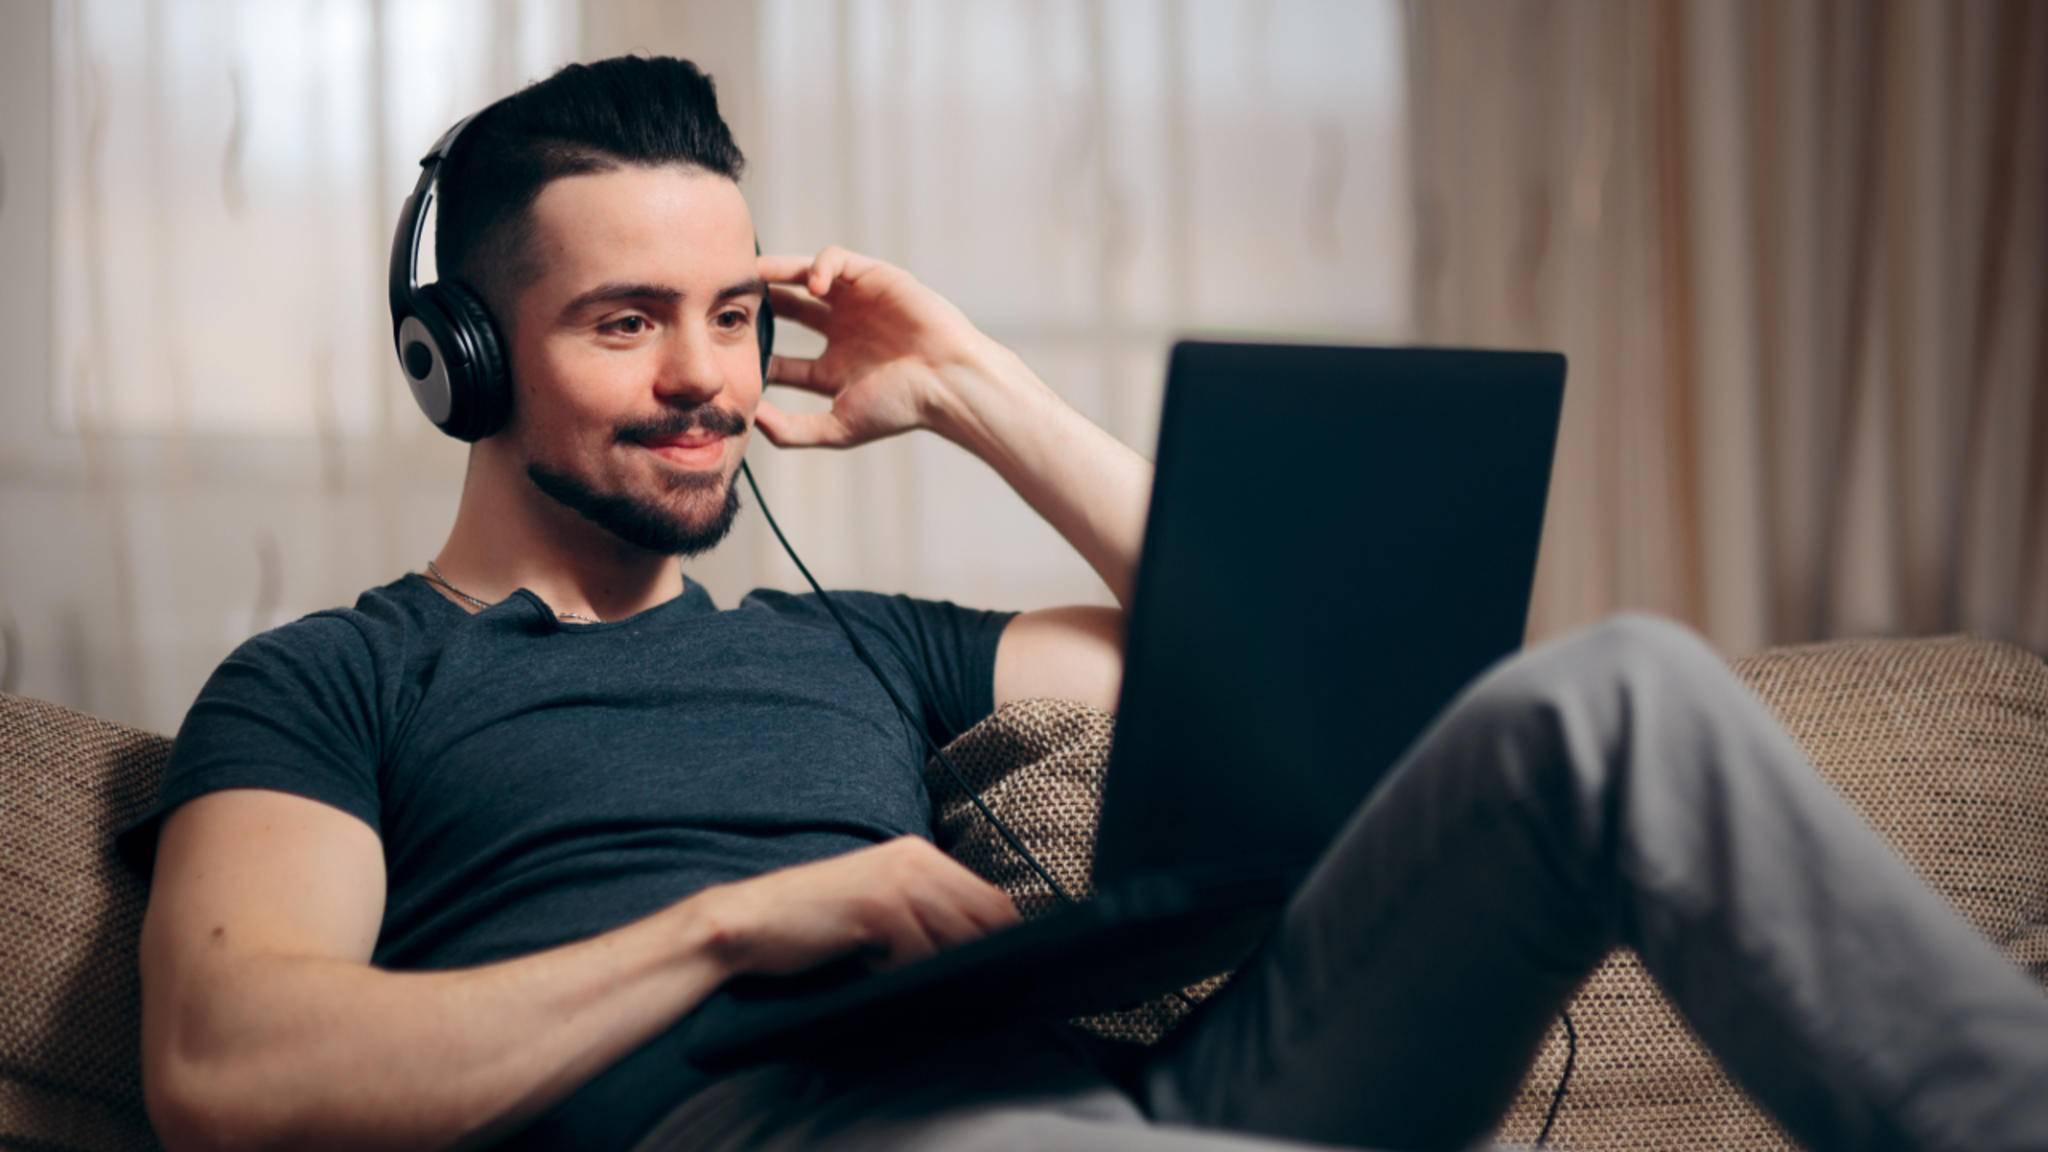 Pandora Internetradio Musik Kopfhörer